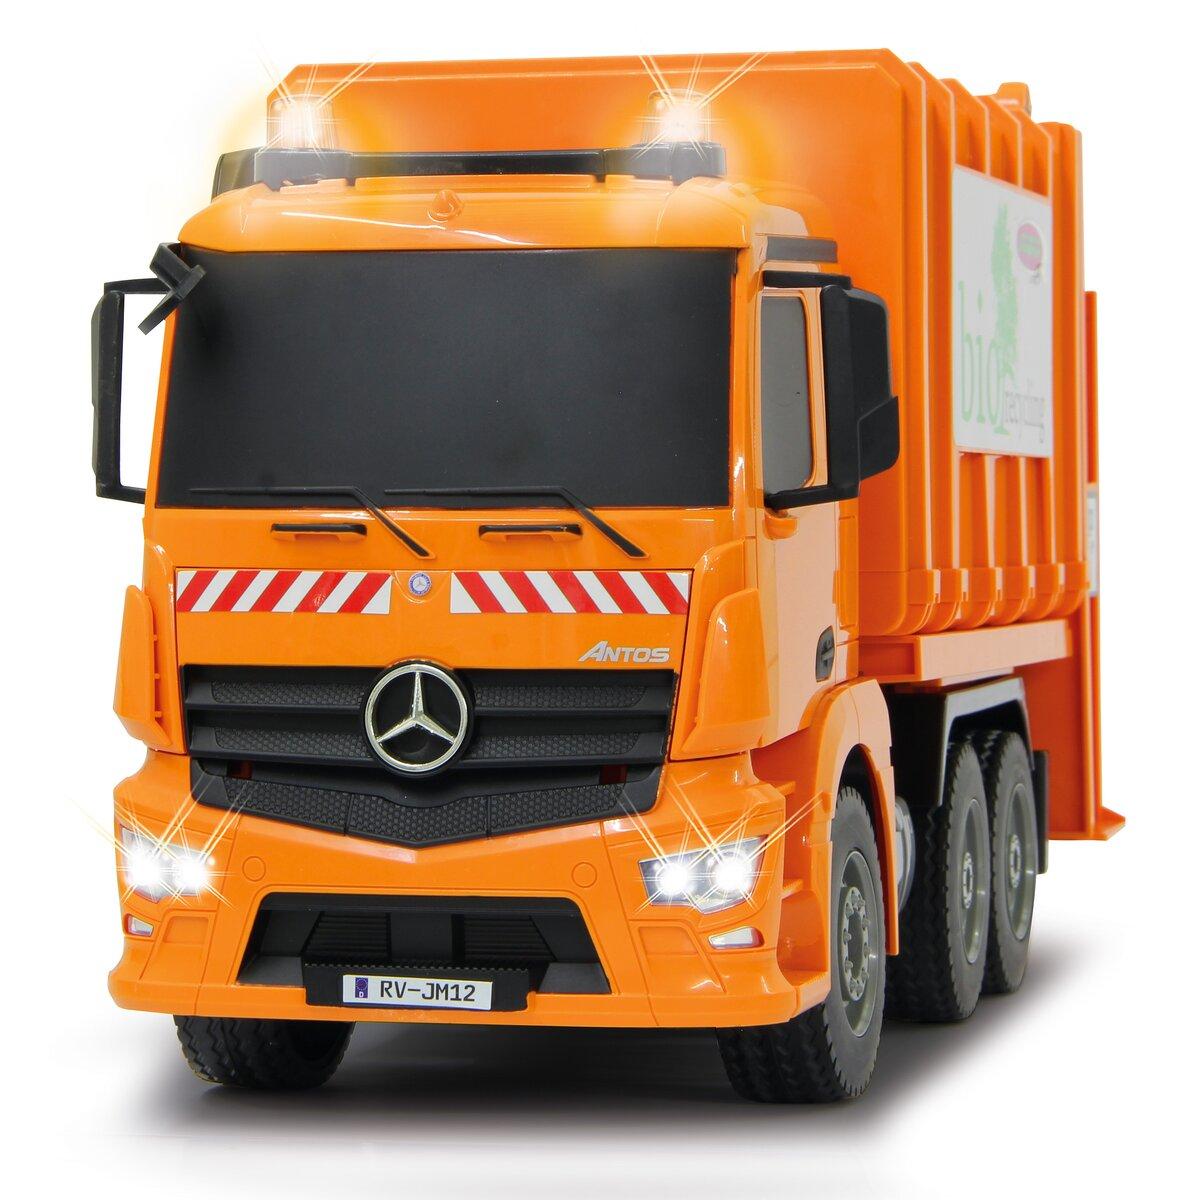 Jamara Dust Cart Mercedes Antos 1:20 2,4GHz